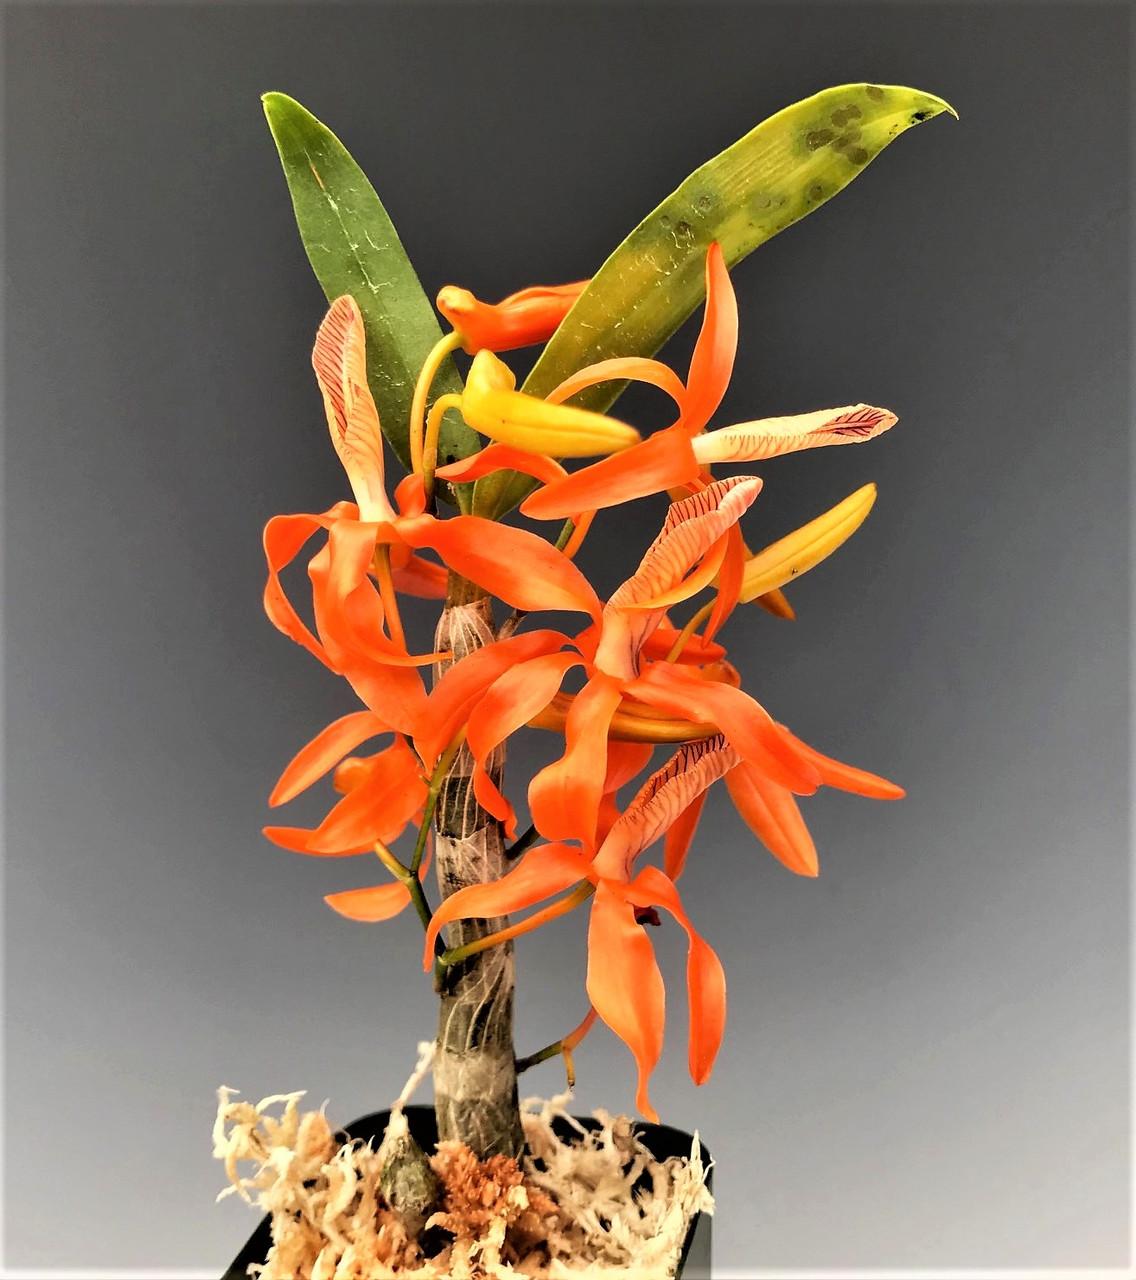 Dendrobium unicum ('Tangerine Tango' x Tangerine Dream' FCC/AOS)